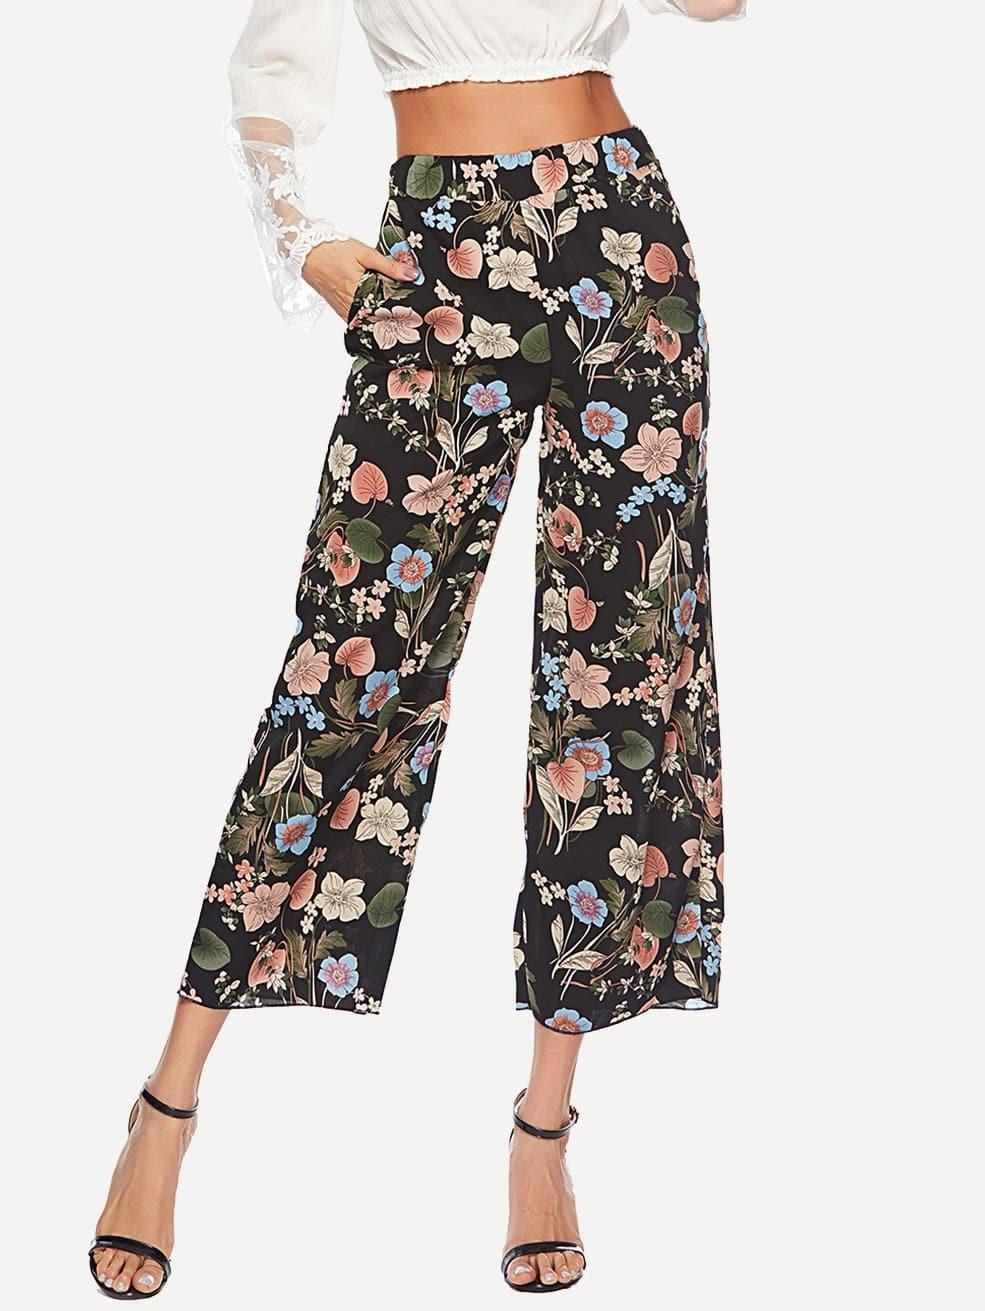 Купить Широкие ножные штаны с рисунками растений, null, SheIn